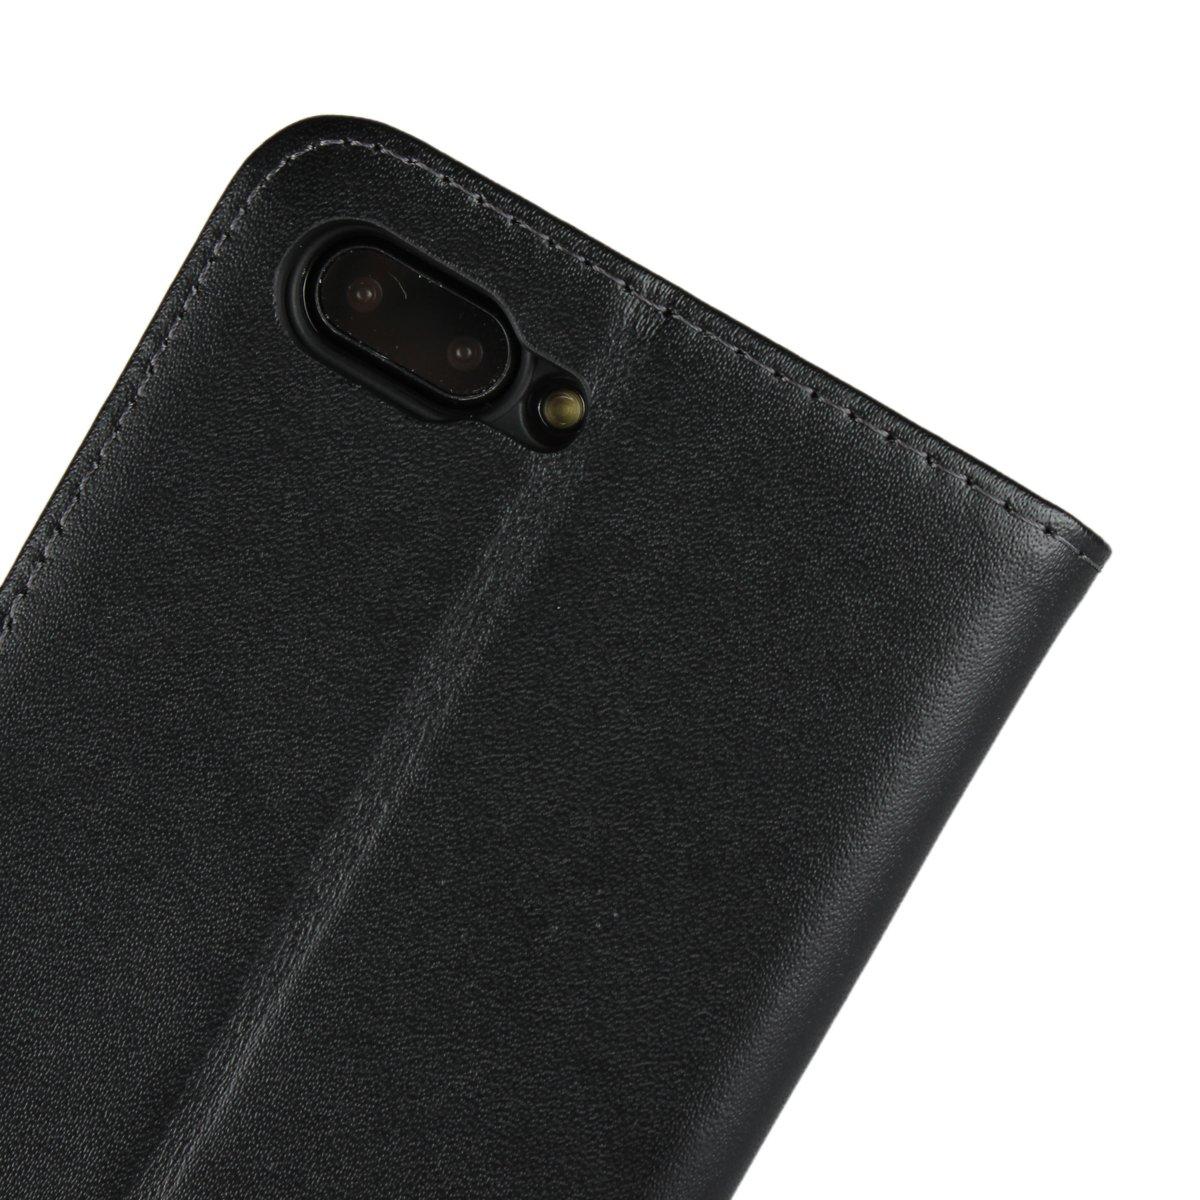 Acceso a Botones Cierre Magn/ético Soporte Plegable Funda Cuero Resistente Copmob Funda Huawei Y7 Prime,Funda Huawei Enjoy 7 Plus//Y7 2017 Negro Ranuras para Tarjetas y Billetes Estilo Libro